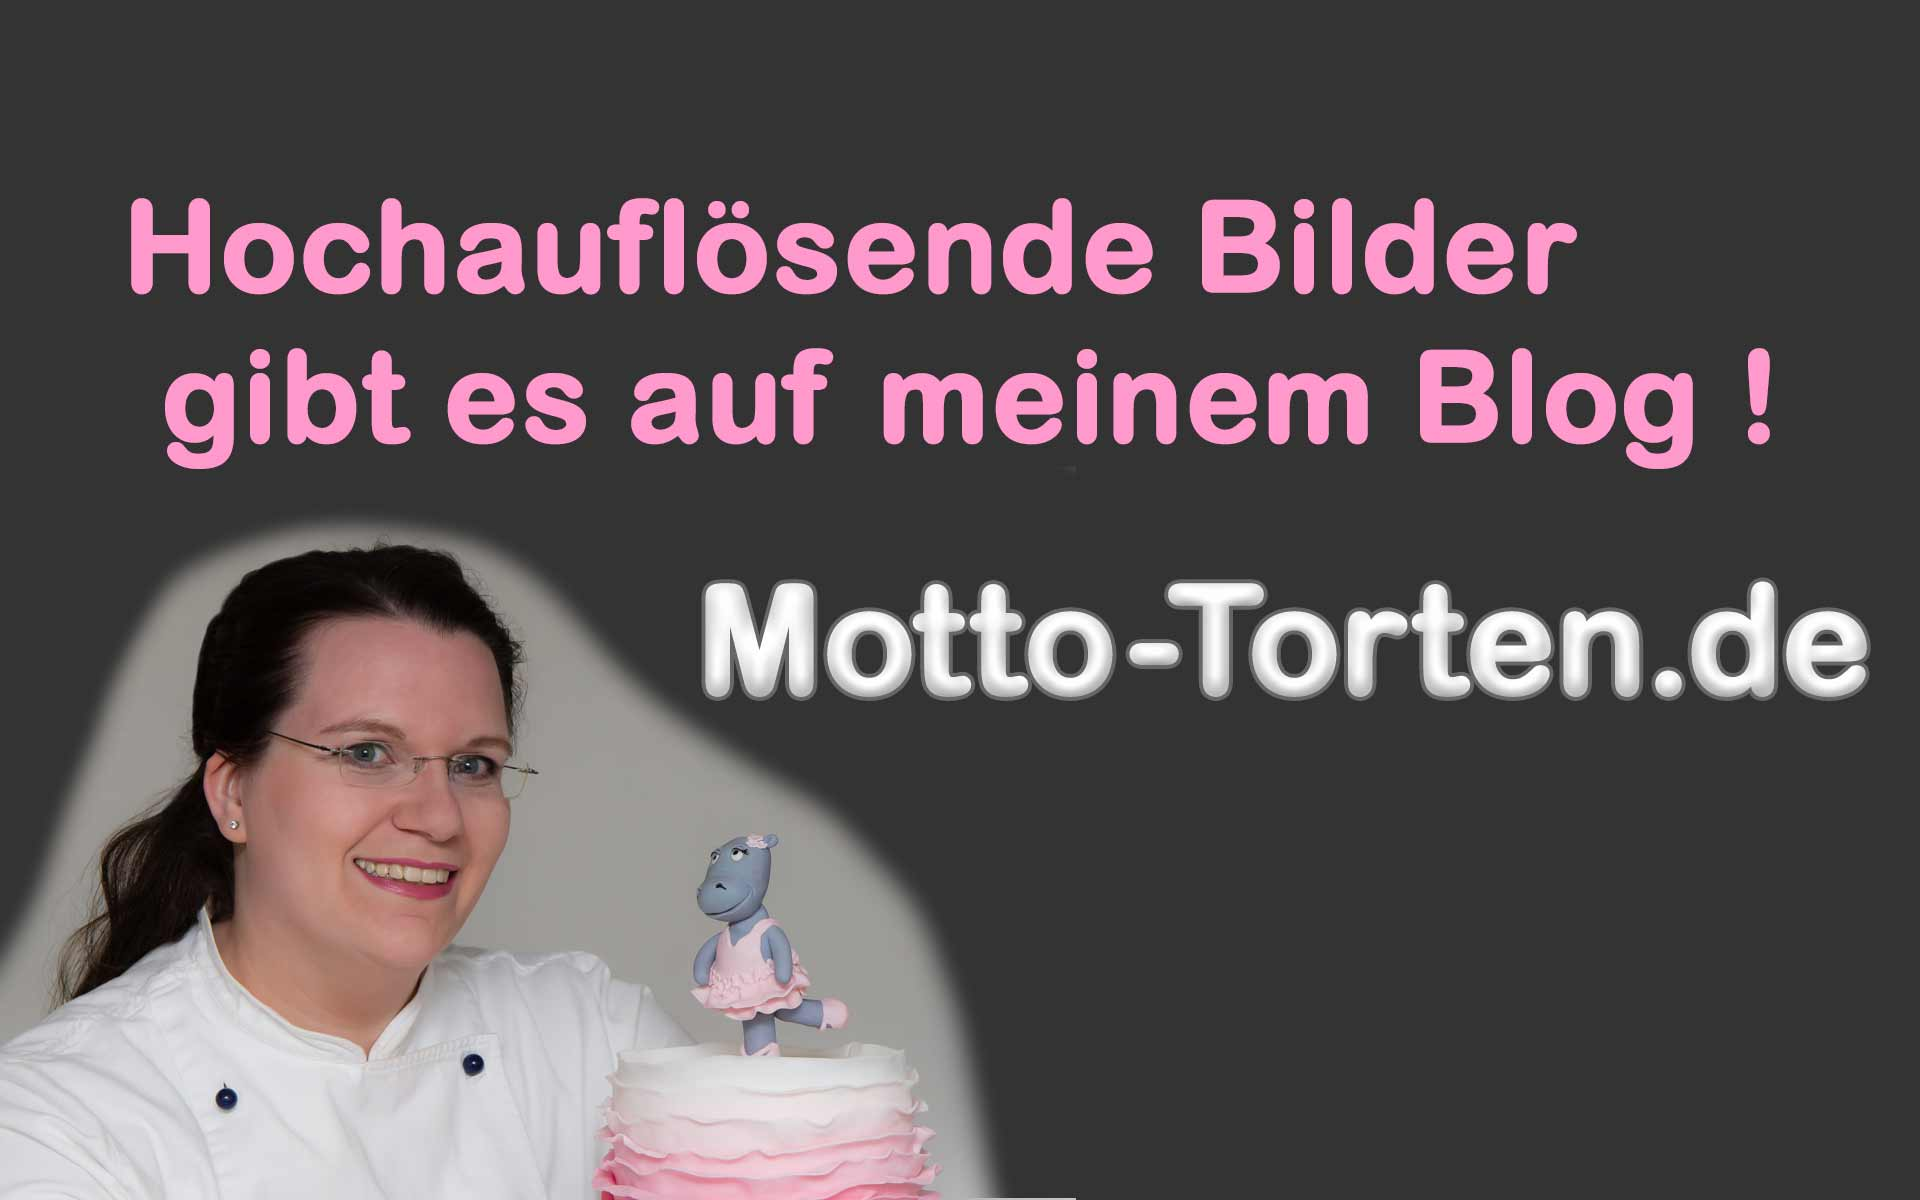 Motto-Torten.de » individuell, kreativ & lecker - Part 10